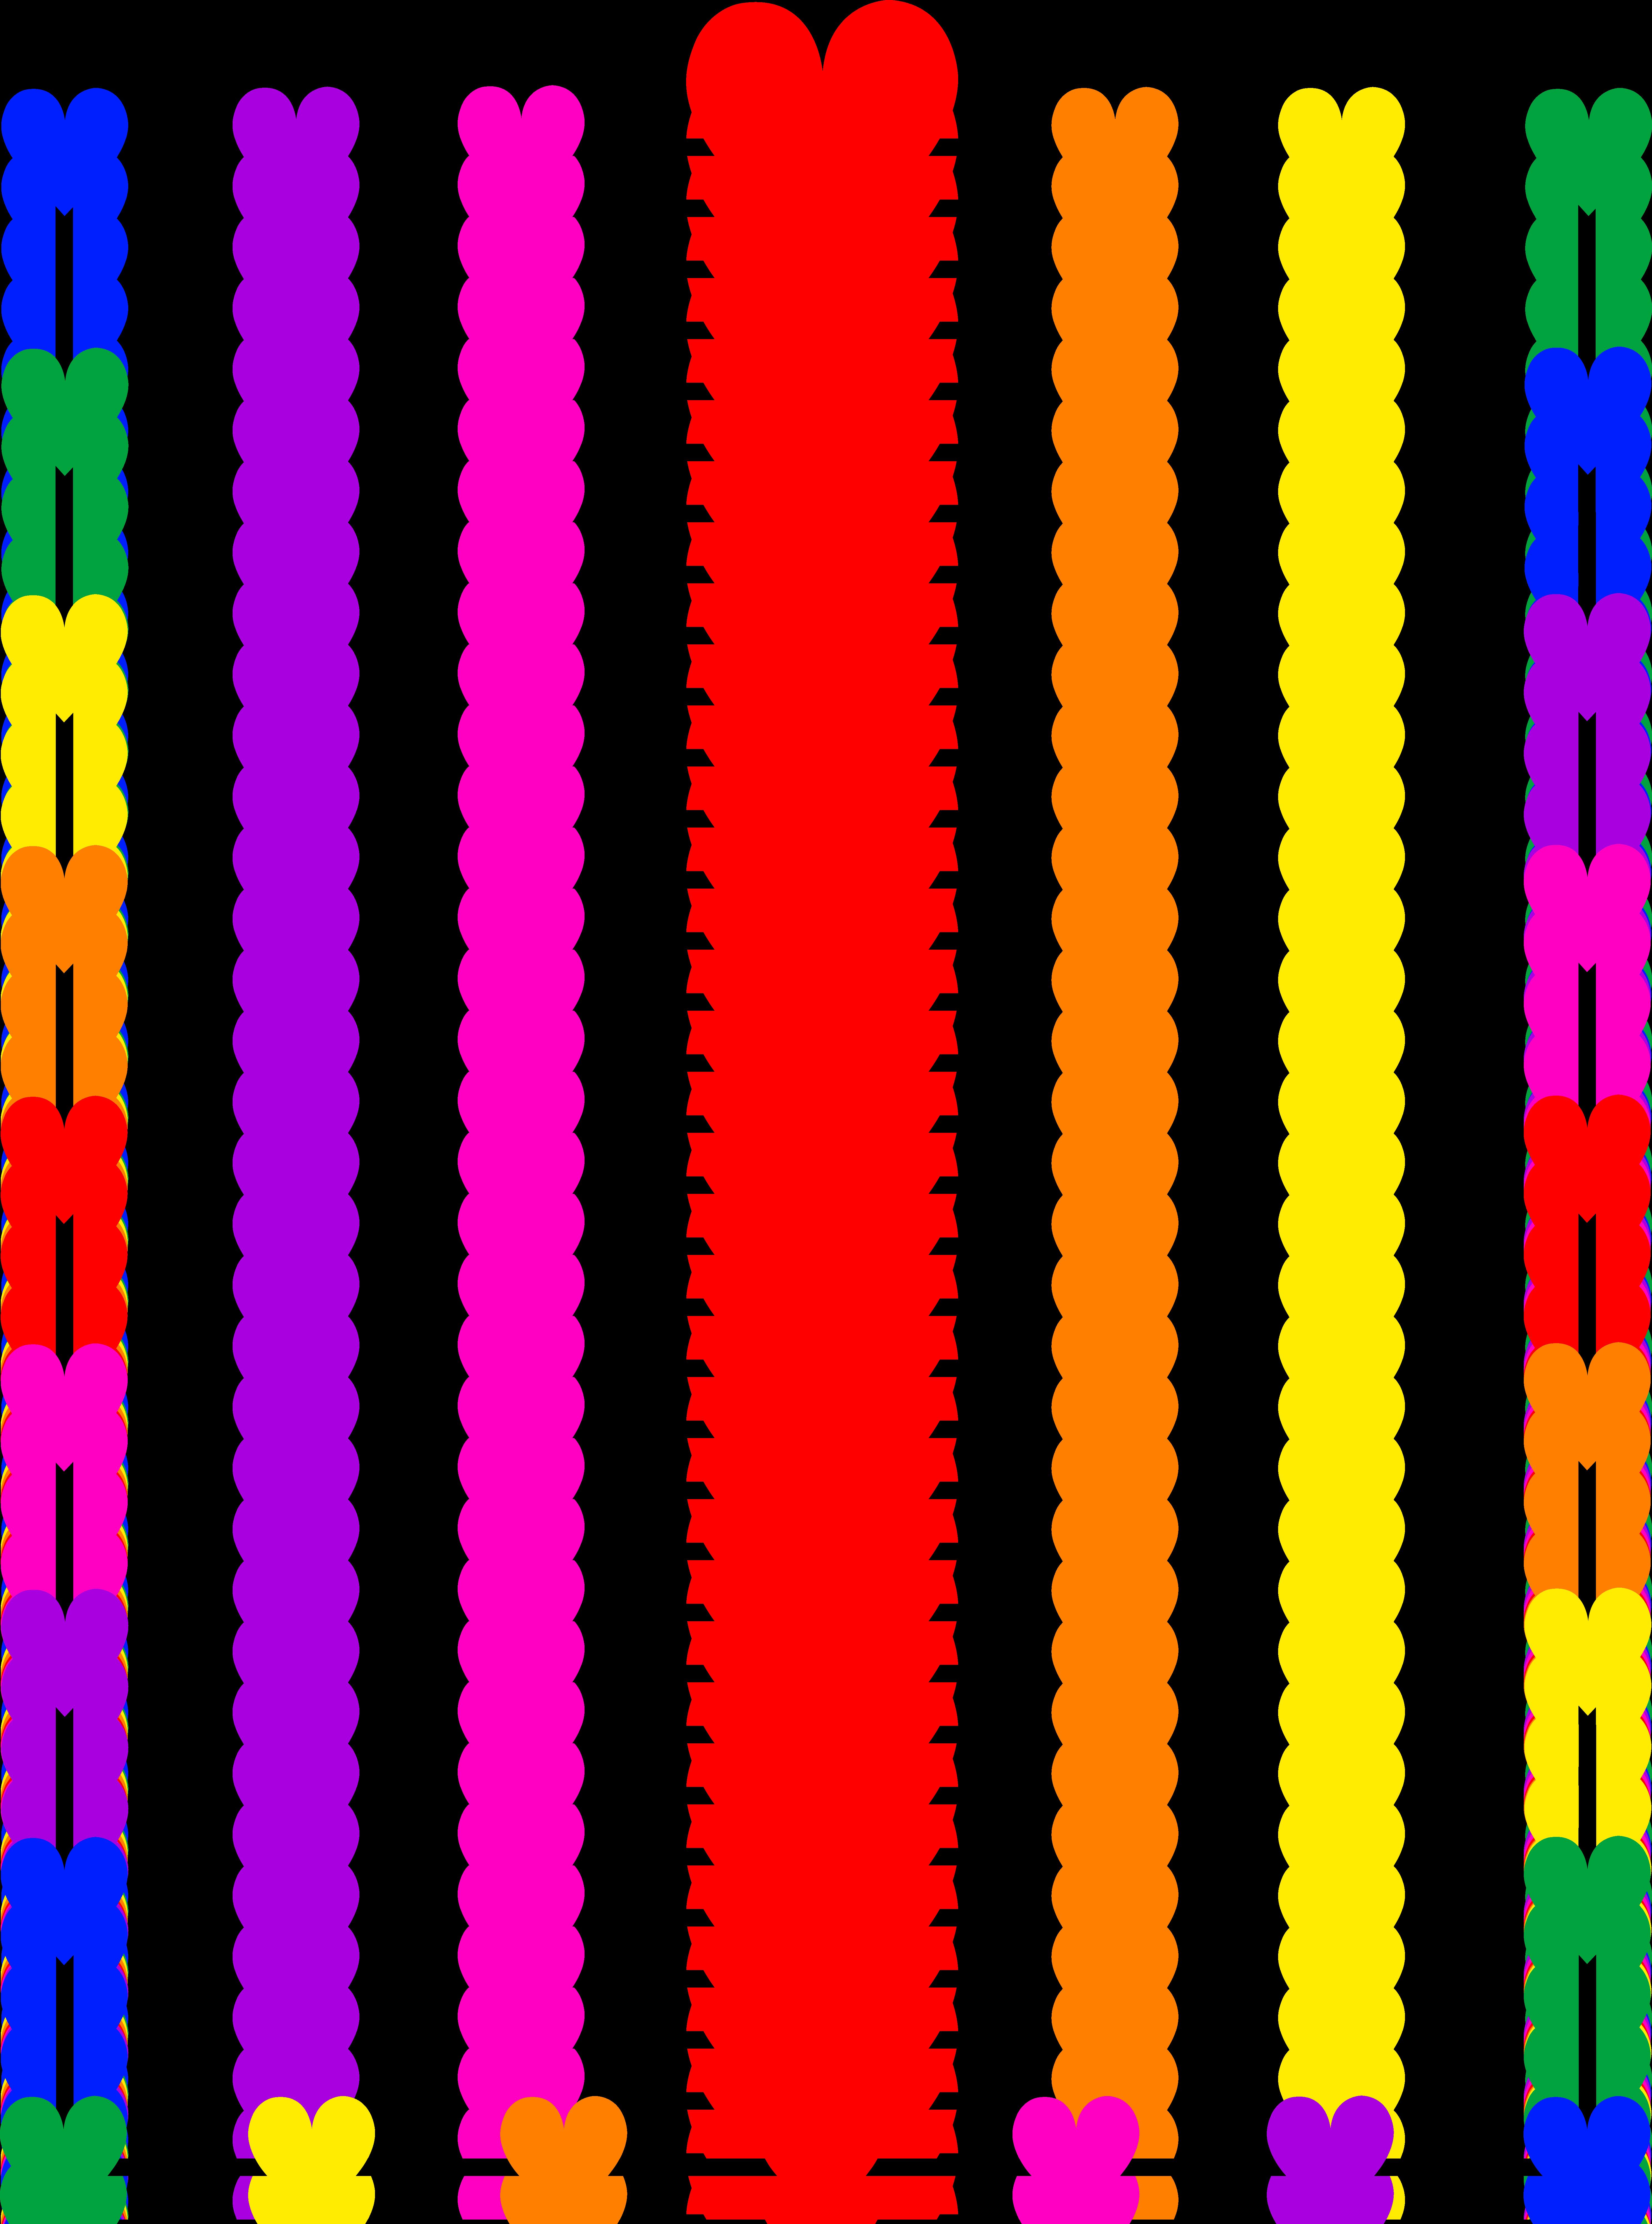 5952x8014 Rainbow Hearts Border Frame